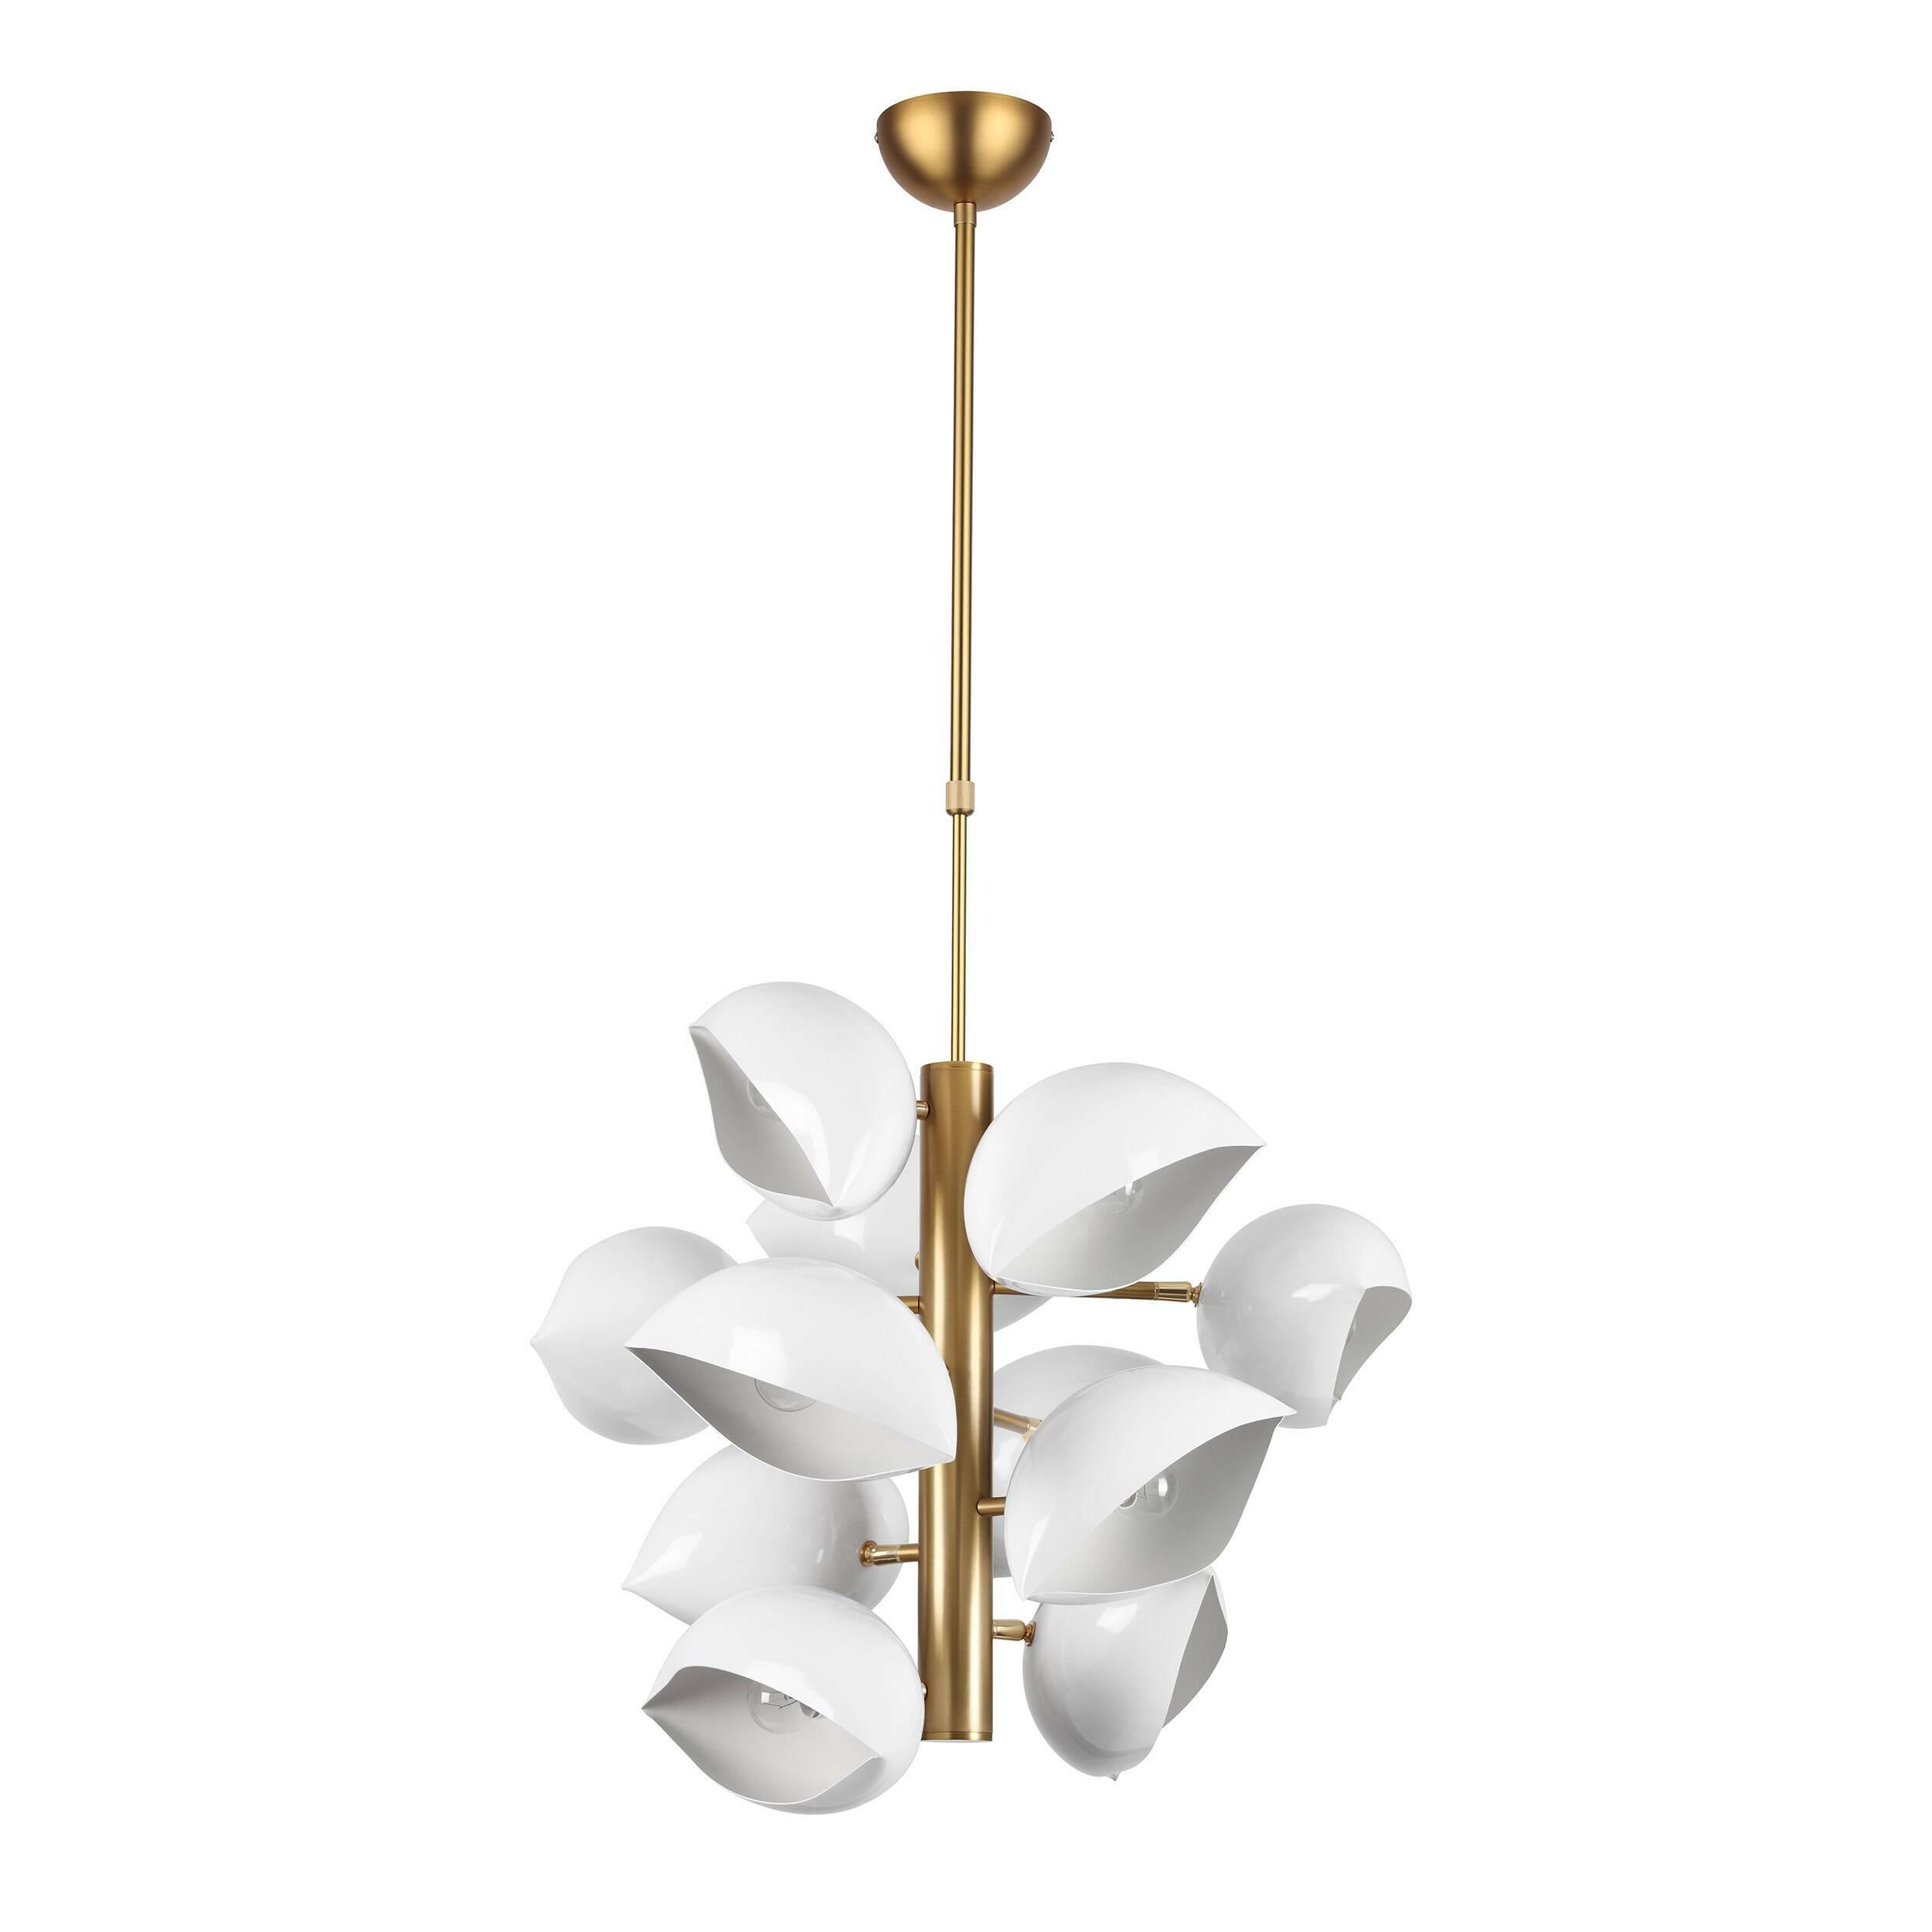 Светильник потолочный Cosmo 15581099 от Cosmorelax